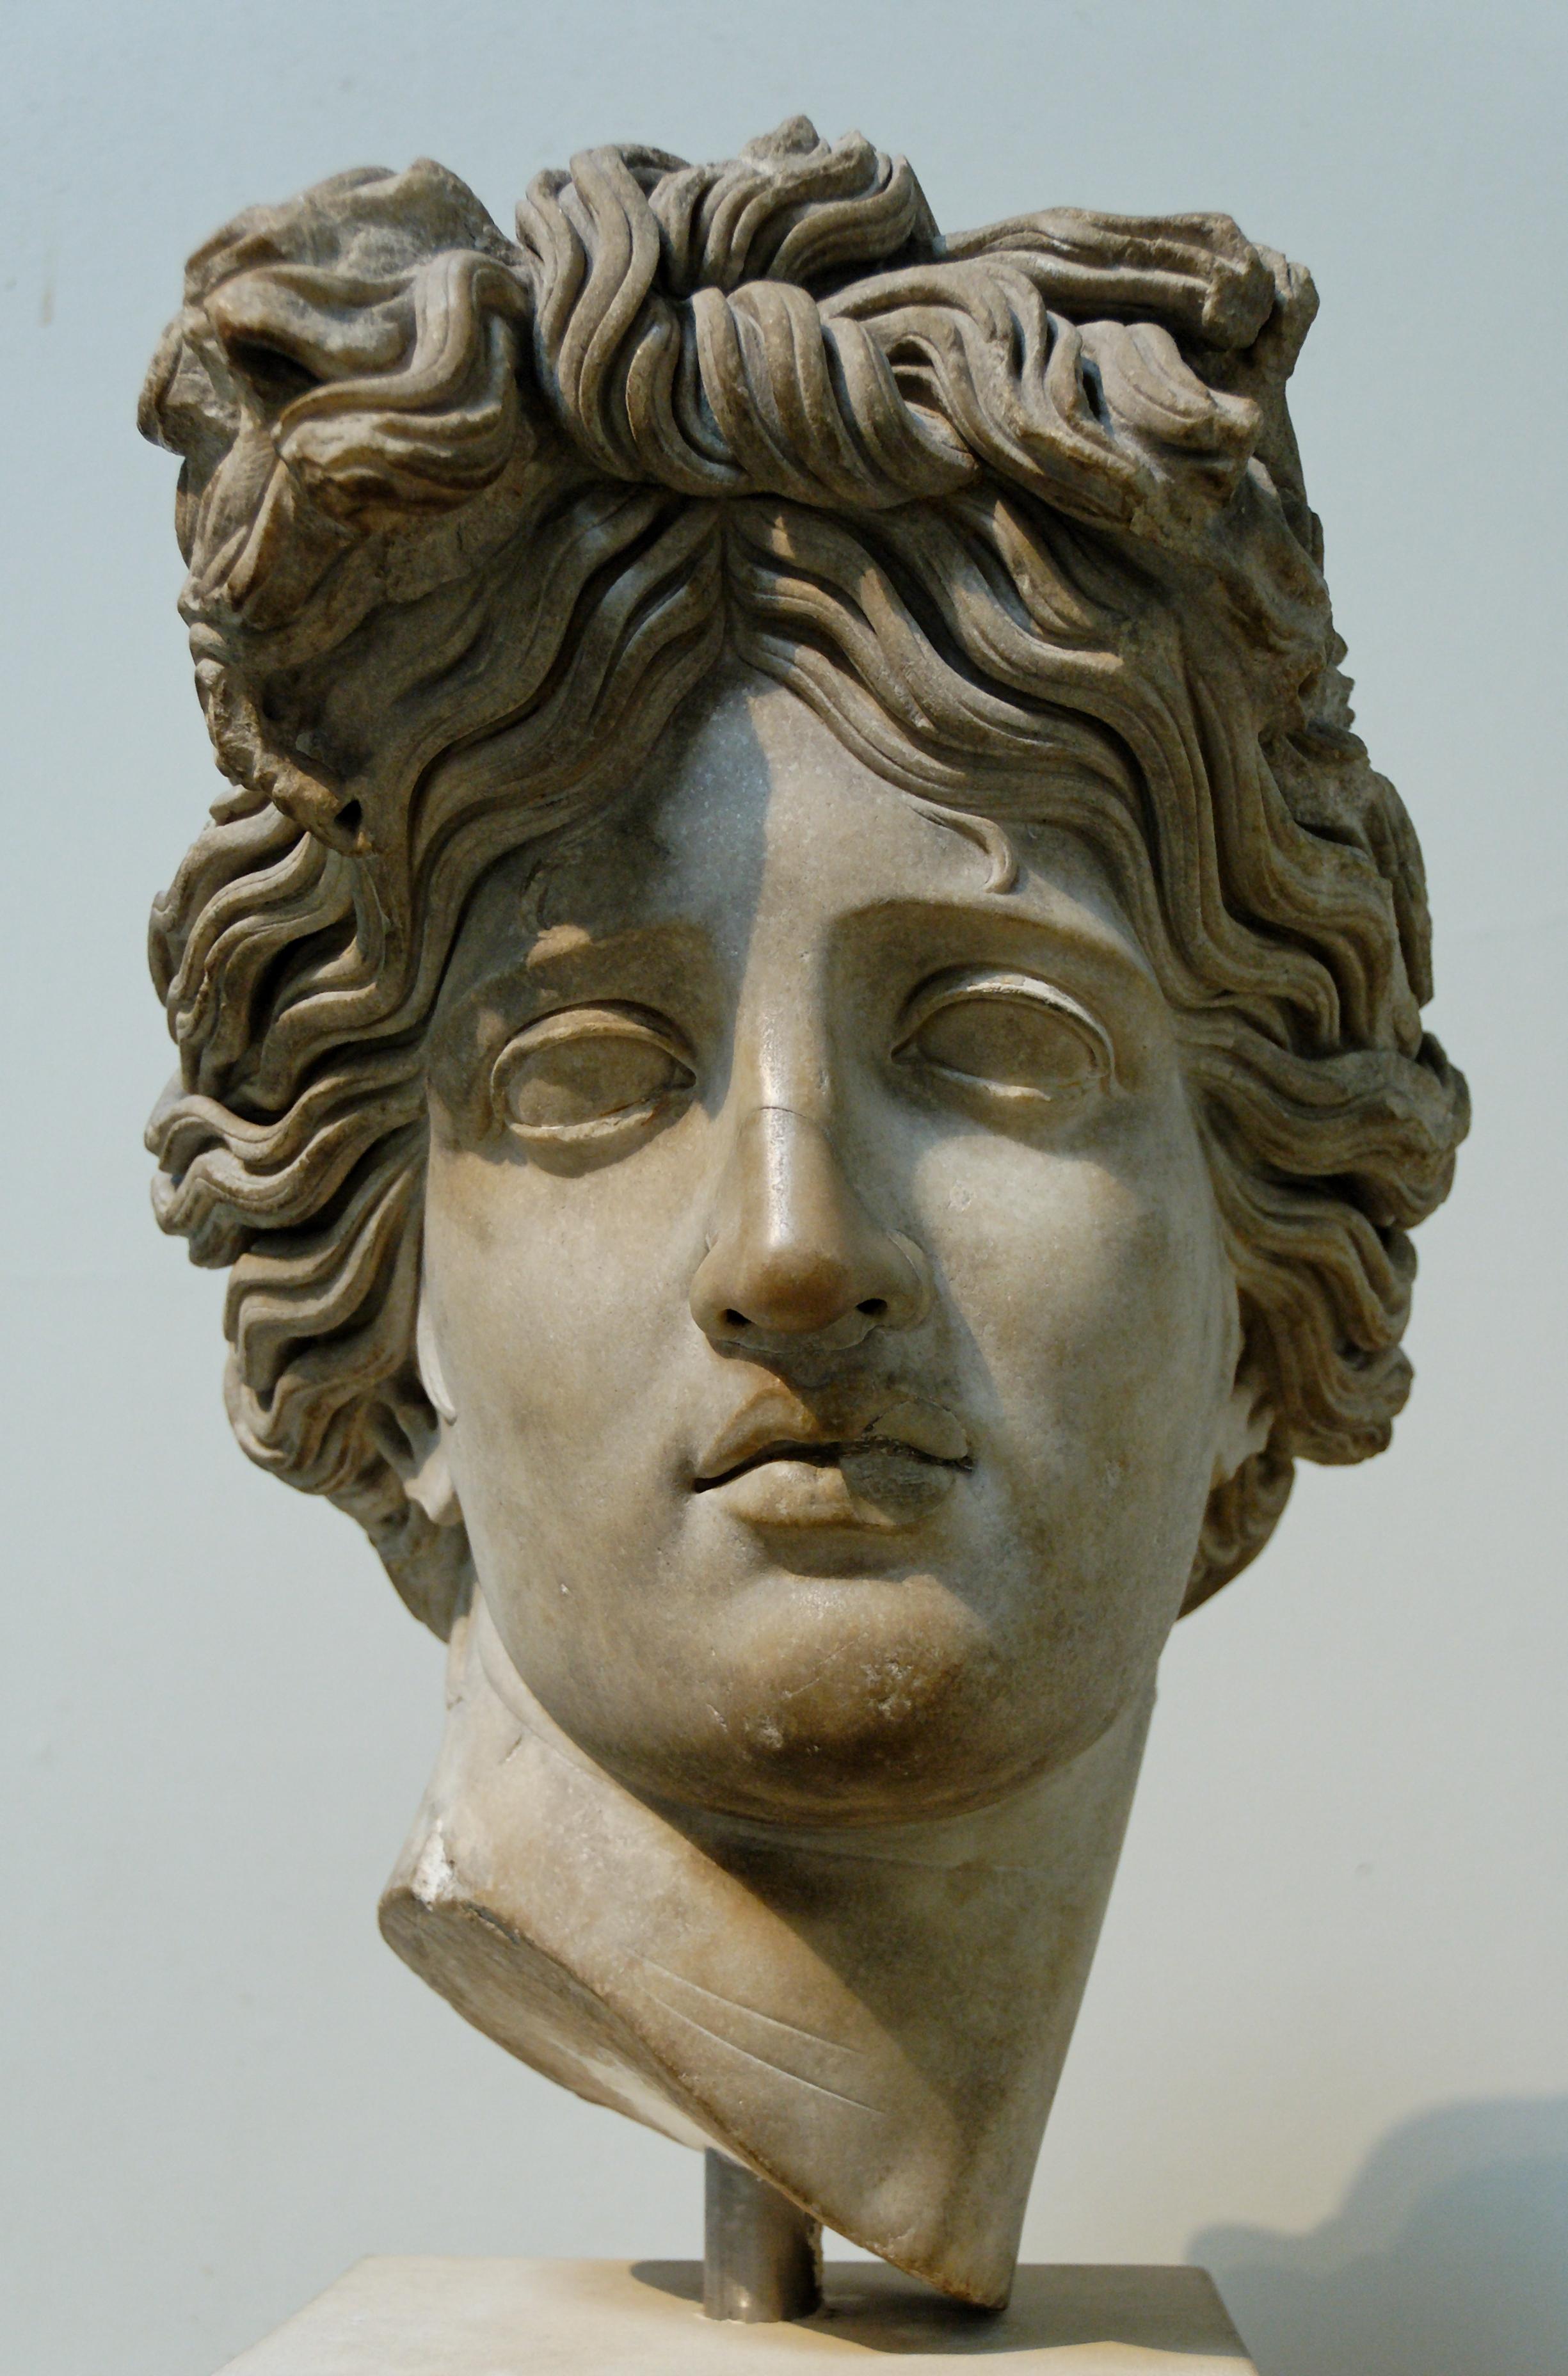 File:Head Apollo BM Sc1547.jpg - Wikimedia Commons